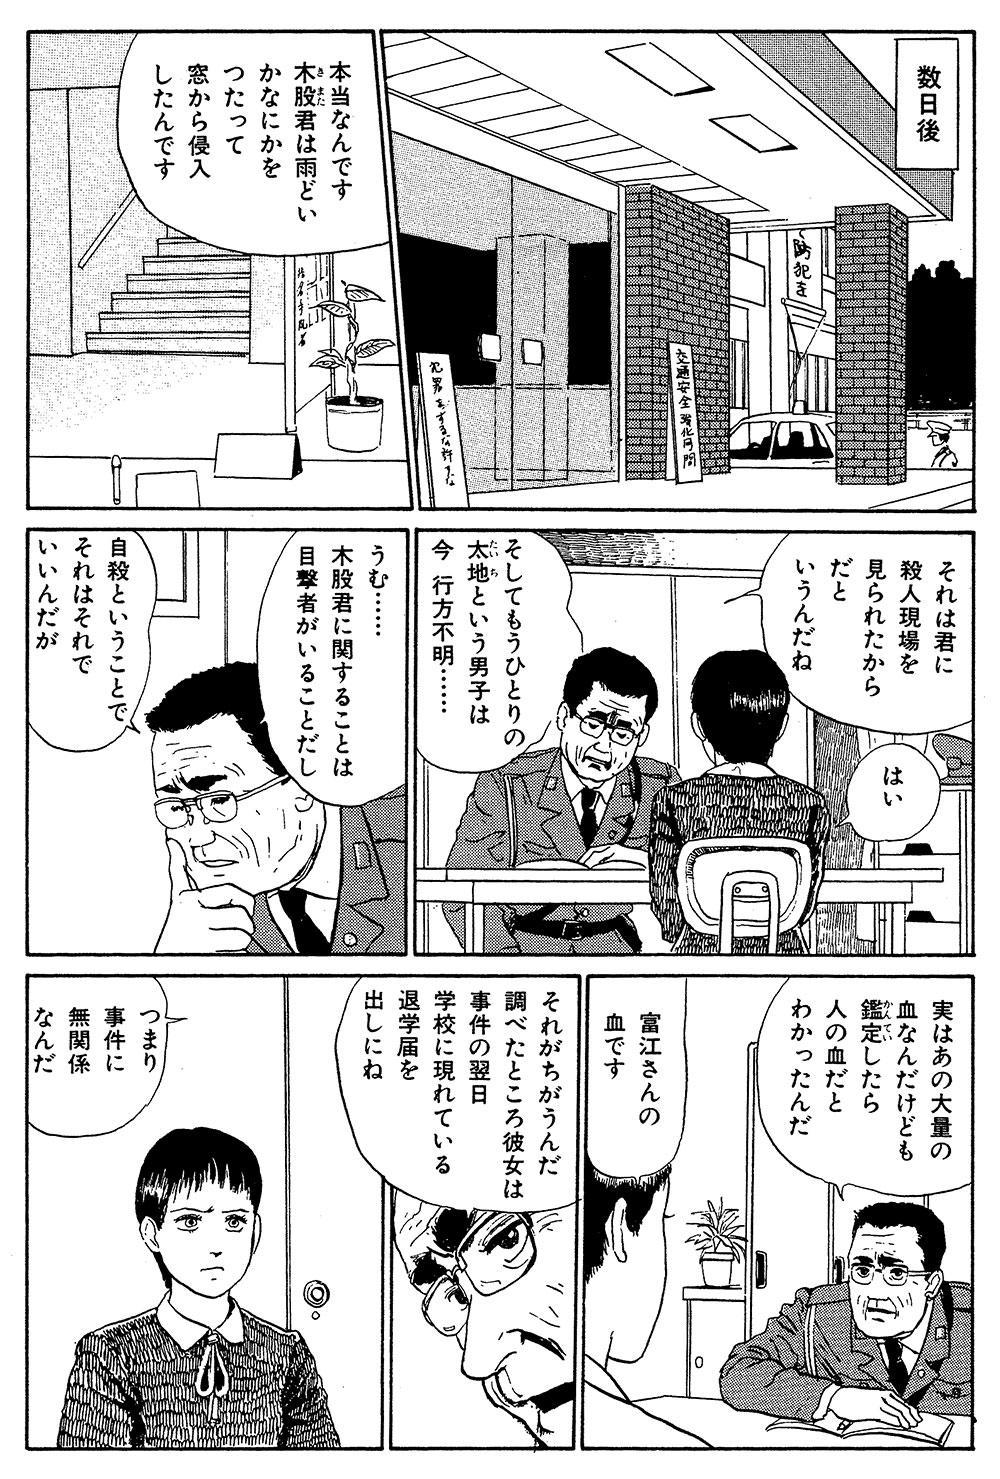 伊藤潤二傑作集 第5話「富江 接吻」⑤junji19-03.jpg